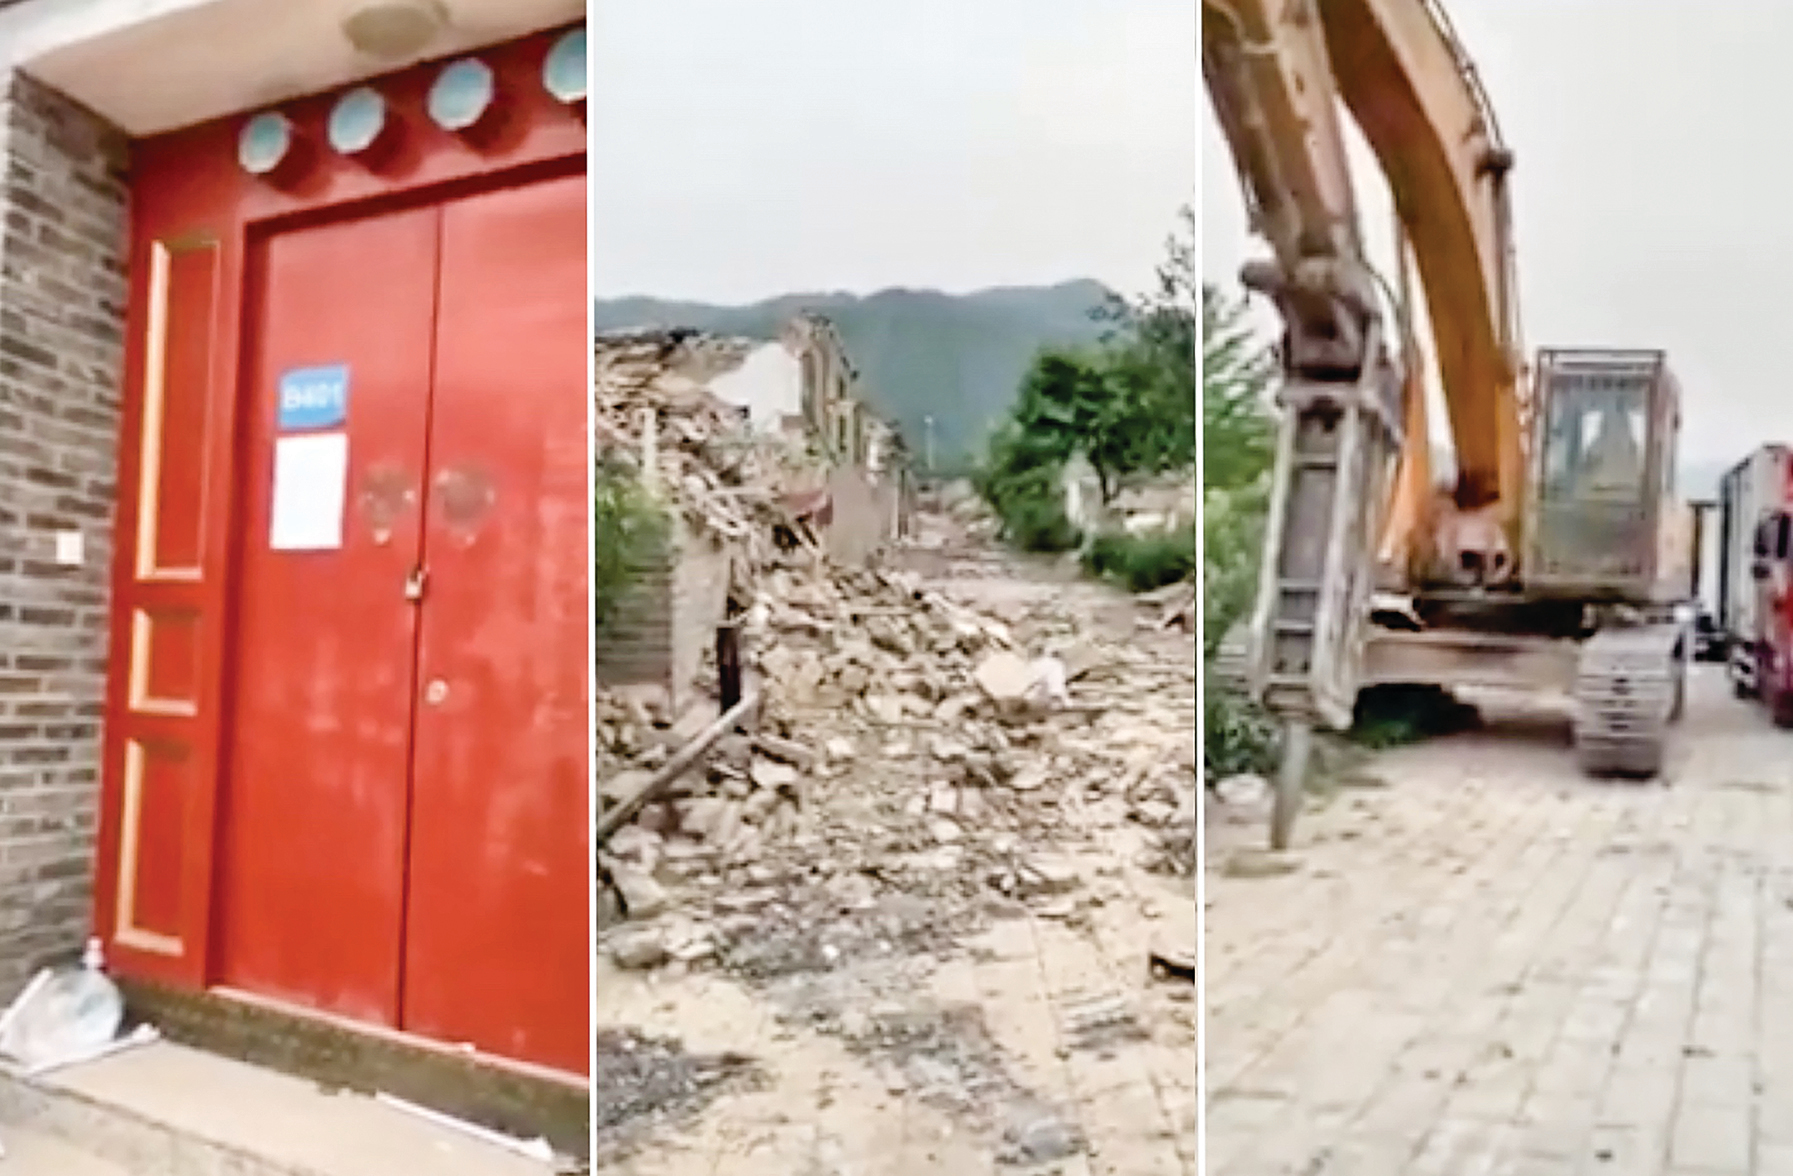 北京郊區小產權房遭到大規模強拆。圖為8月5日懷柔區水長城老北京四合院遭強拆畫面。(視頻截圖)